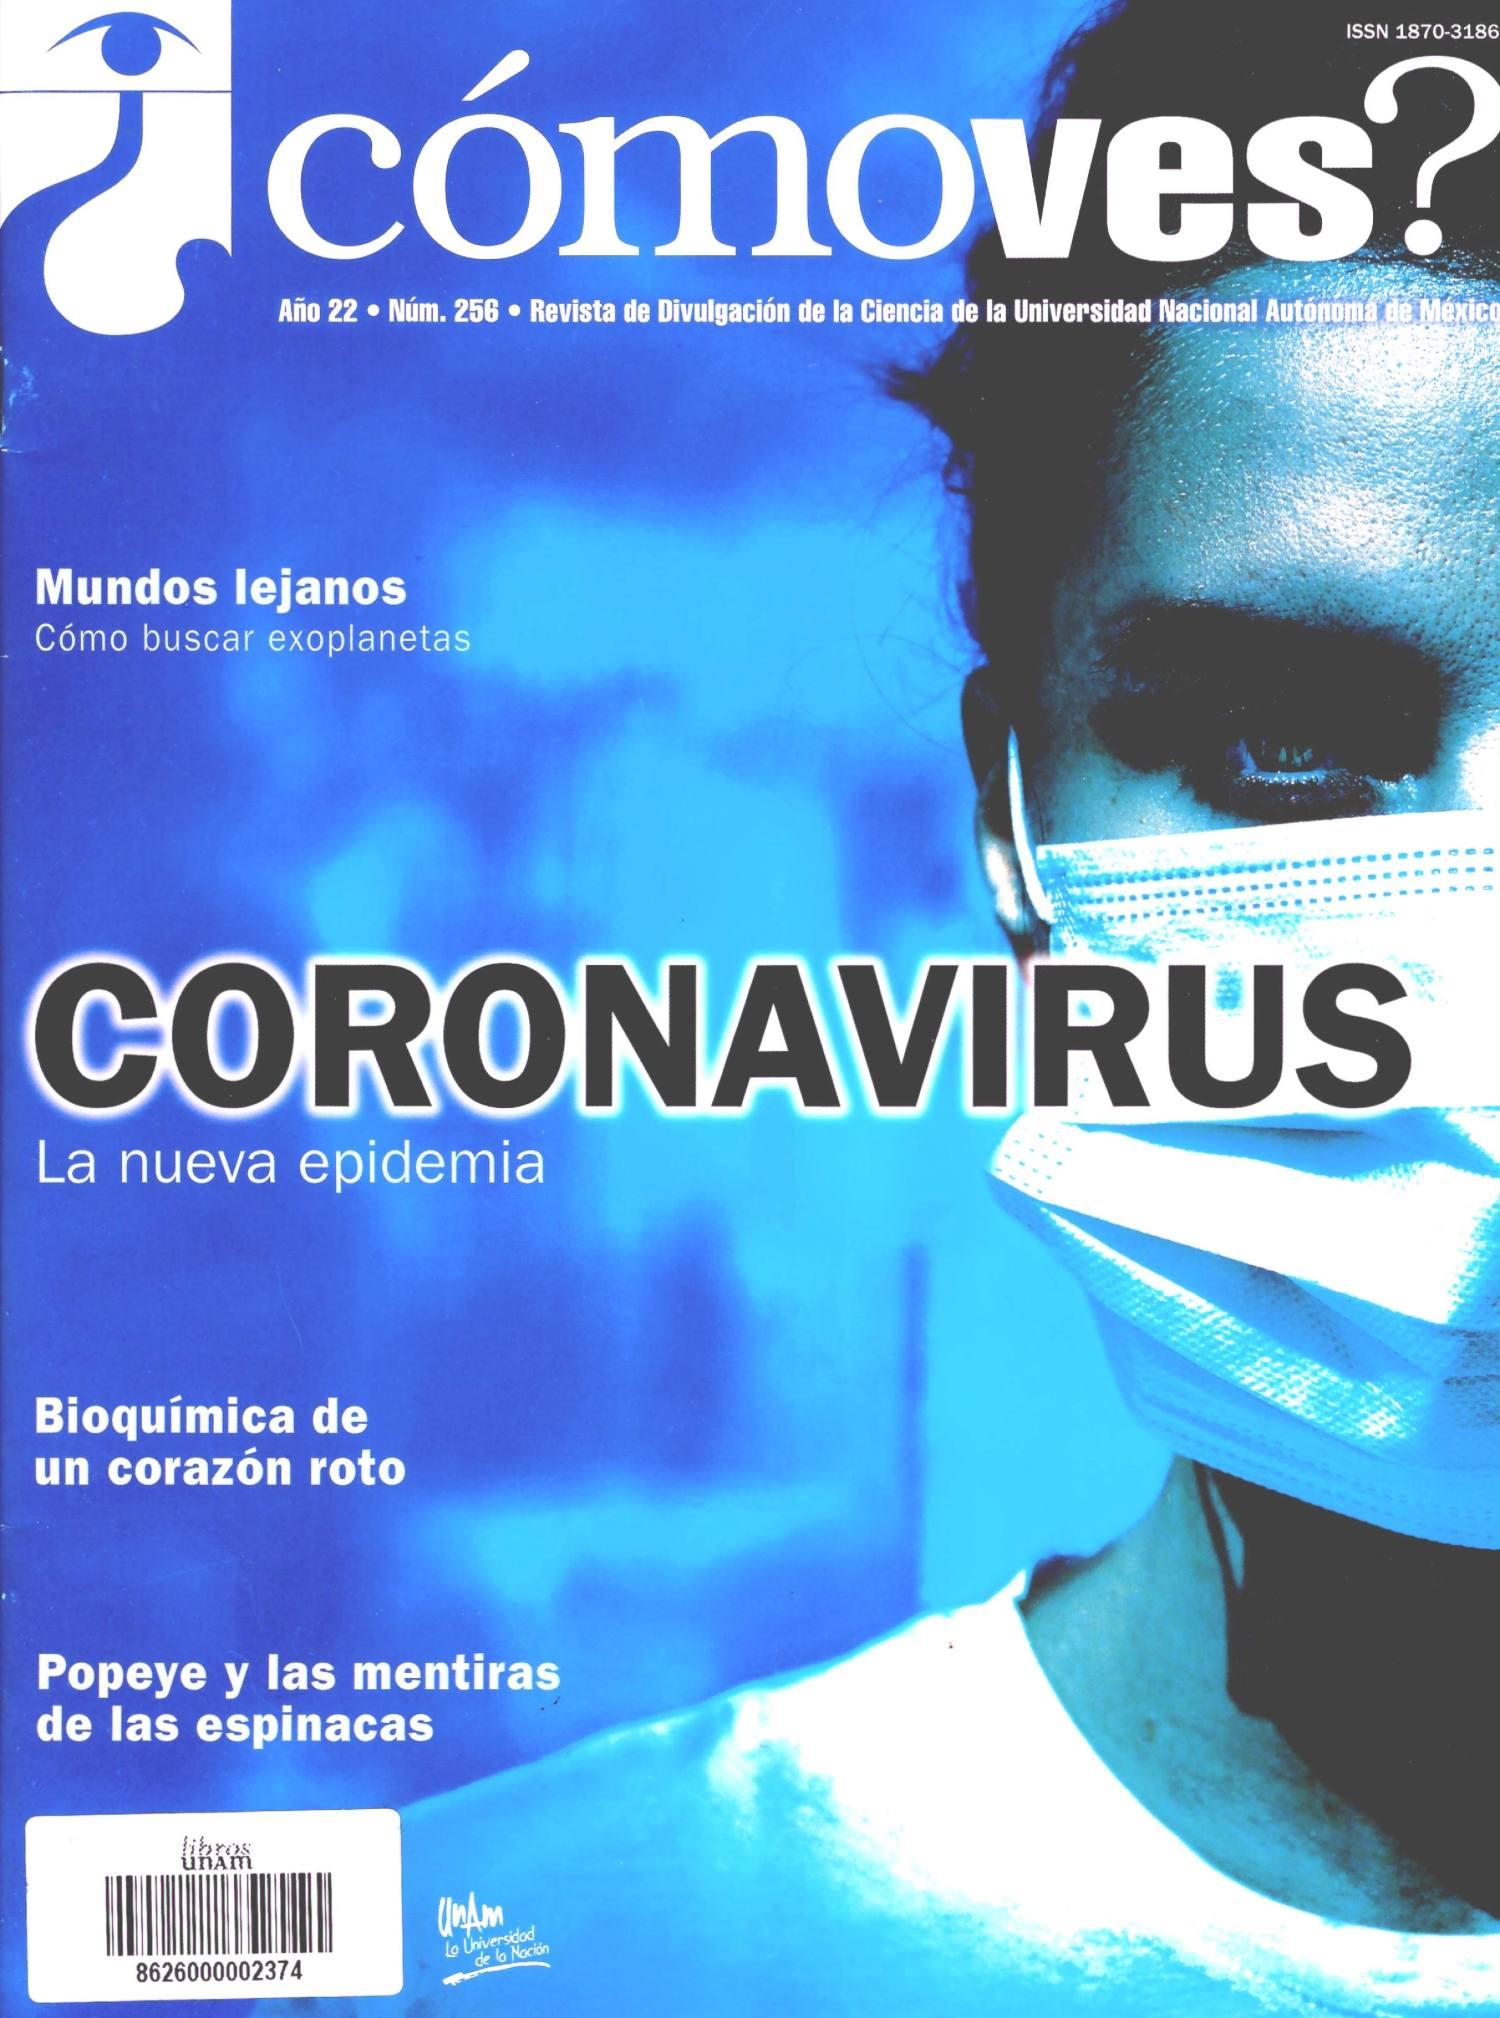 ¿Cómo ves? Revista de Divulgación de la Ciencia, año 22, núm. 256, marzo 2020. Coronavirus